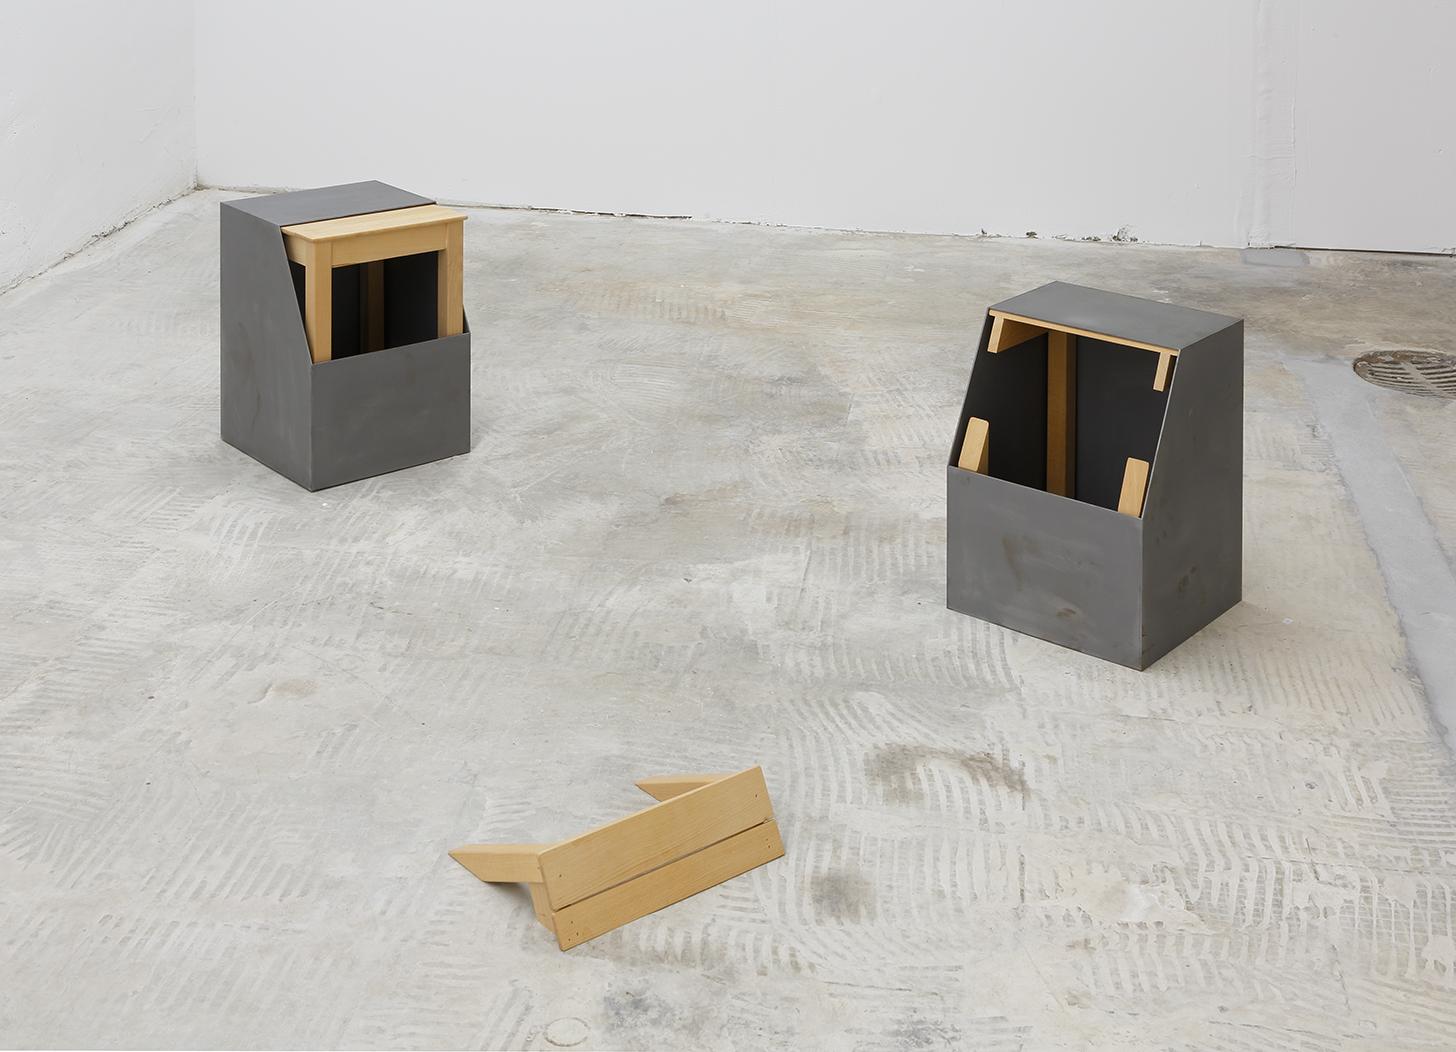 Bodenobjekt dreiteilig, 1992, Eisenblech, Buchenholz